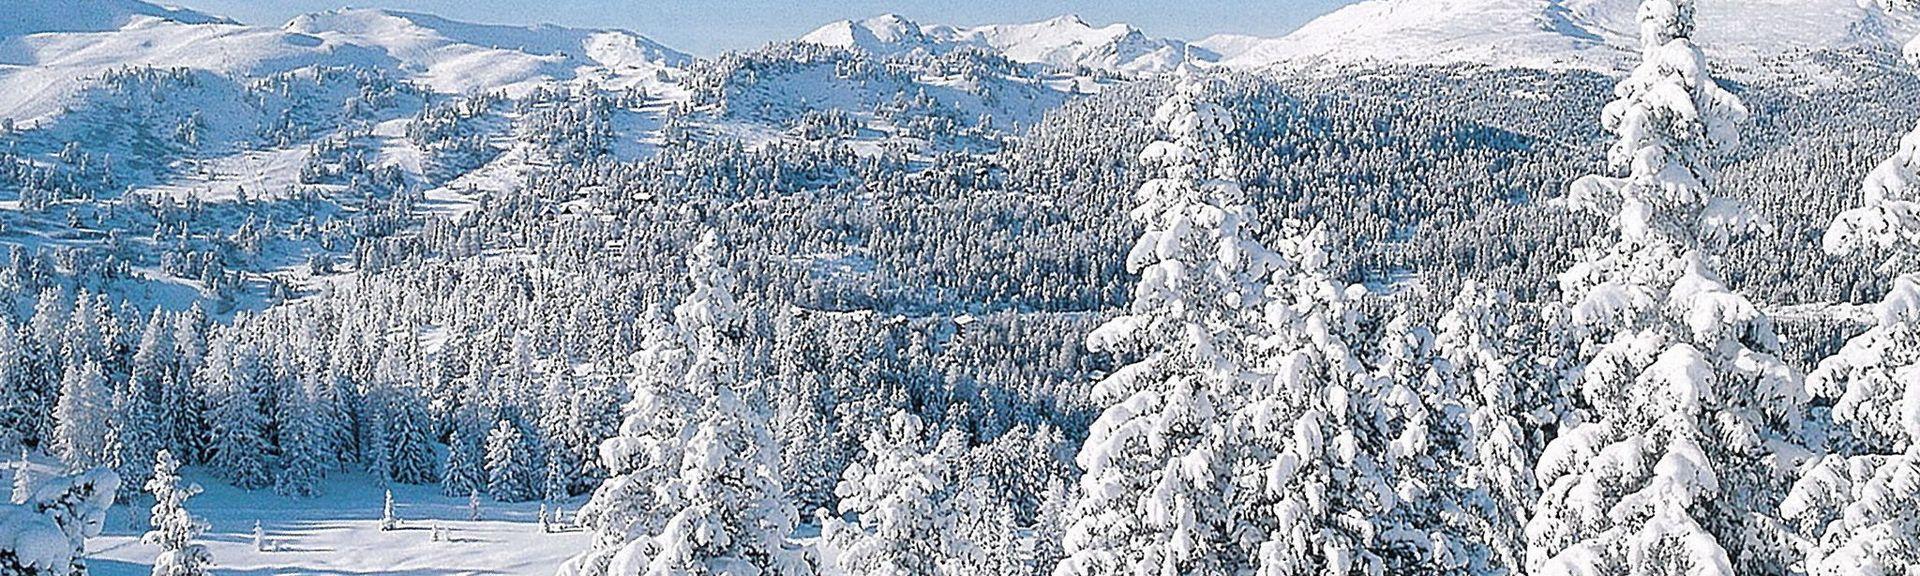 Kreischberg Ski Resort, Sankt Georgen am Kreischberg, Styria, Austria